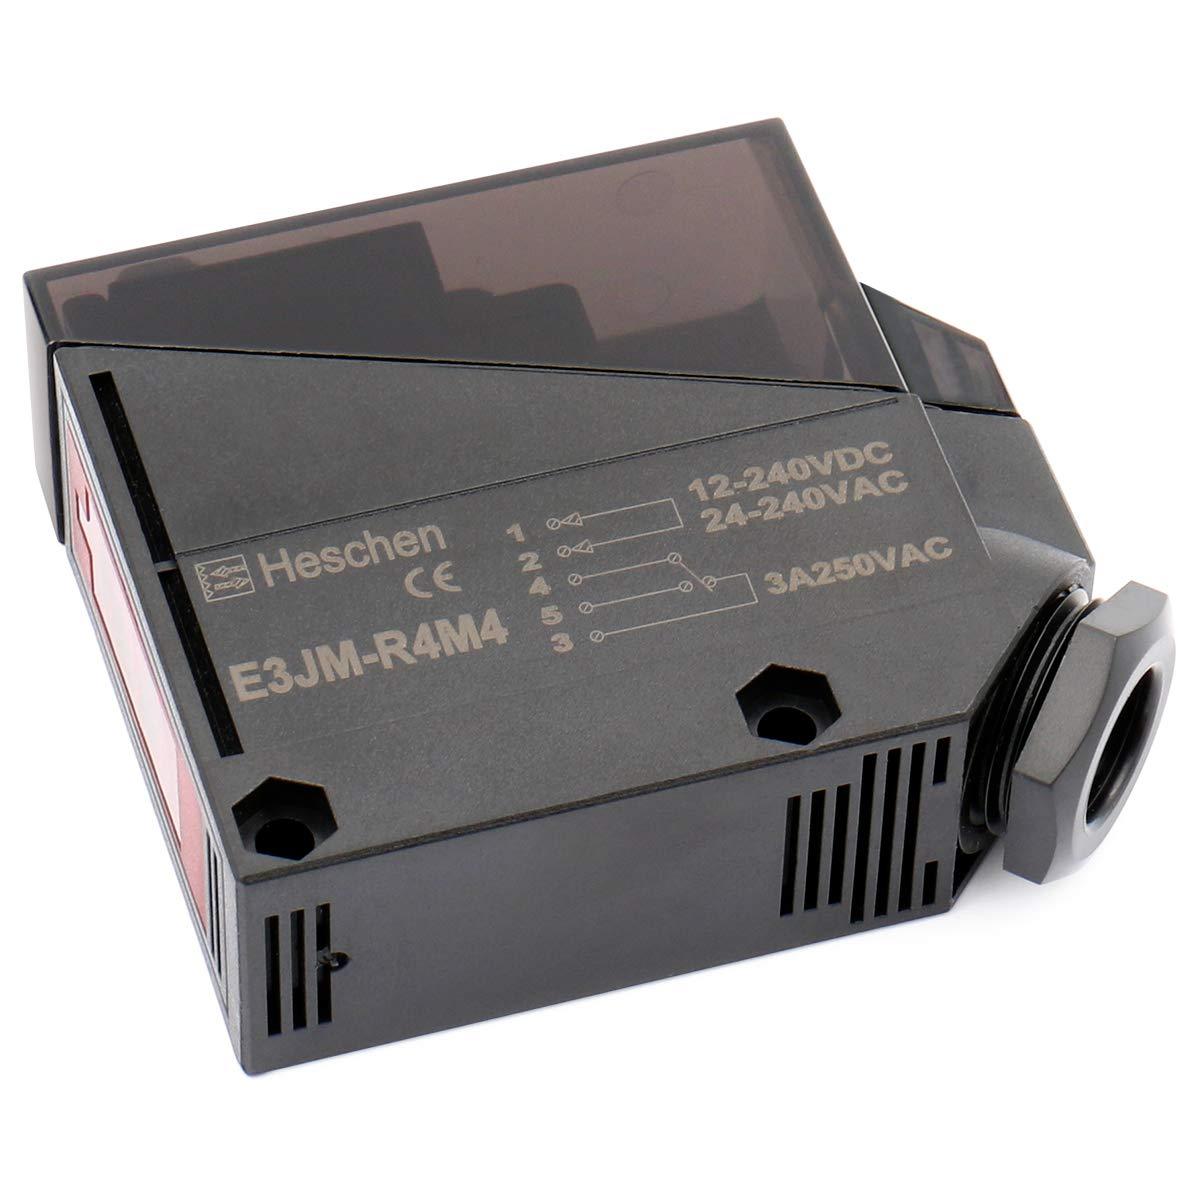 Heschen Fotoelektrischer Schalter E3JM-R4M4 DC 12-240V 3A 250V AC 30V DC 24-240V AC Diffusentyp Erfassungsabstand 4m